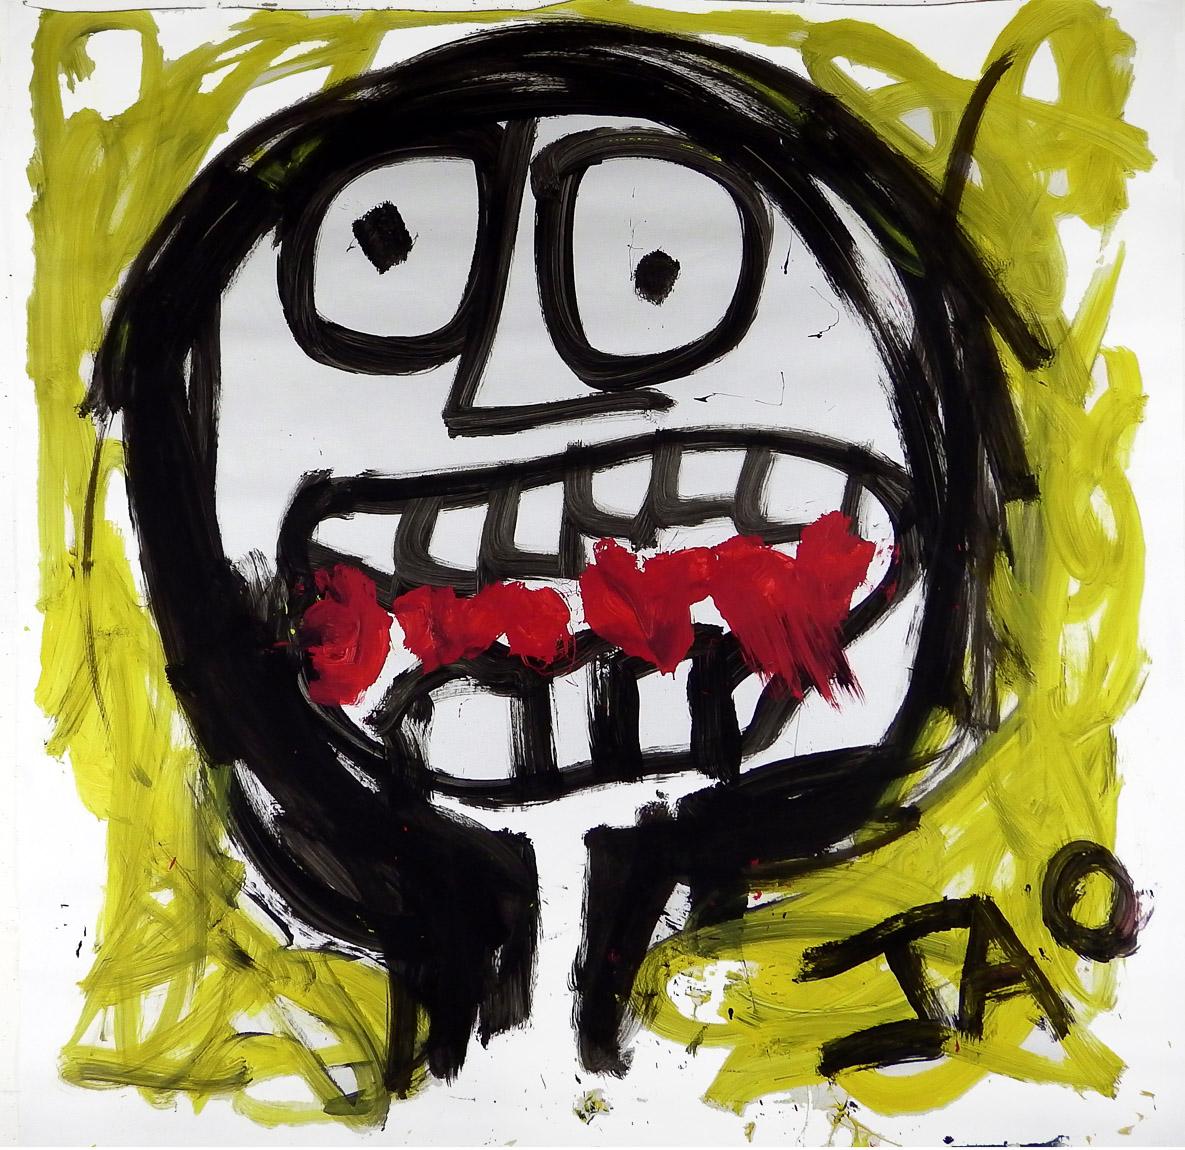 JAO-figure-sp-127